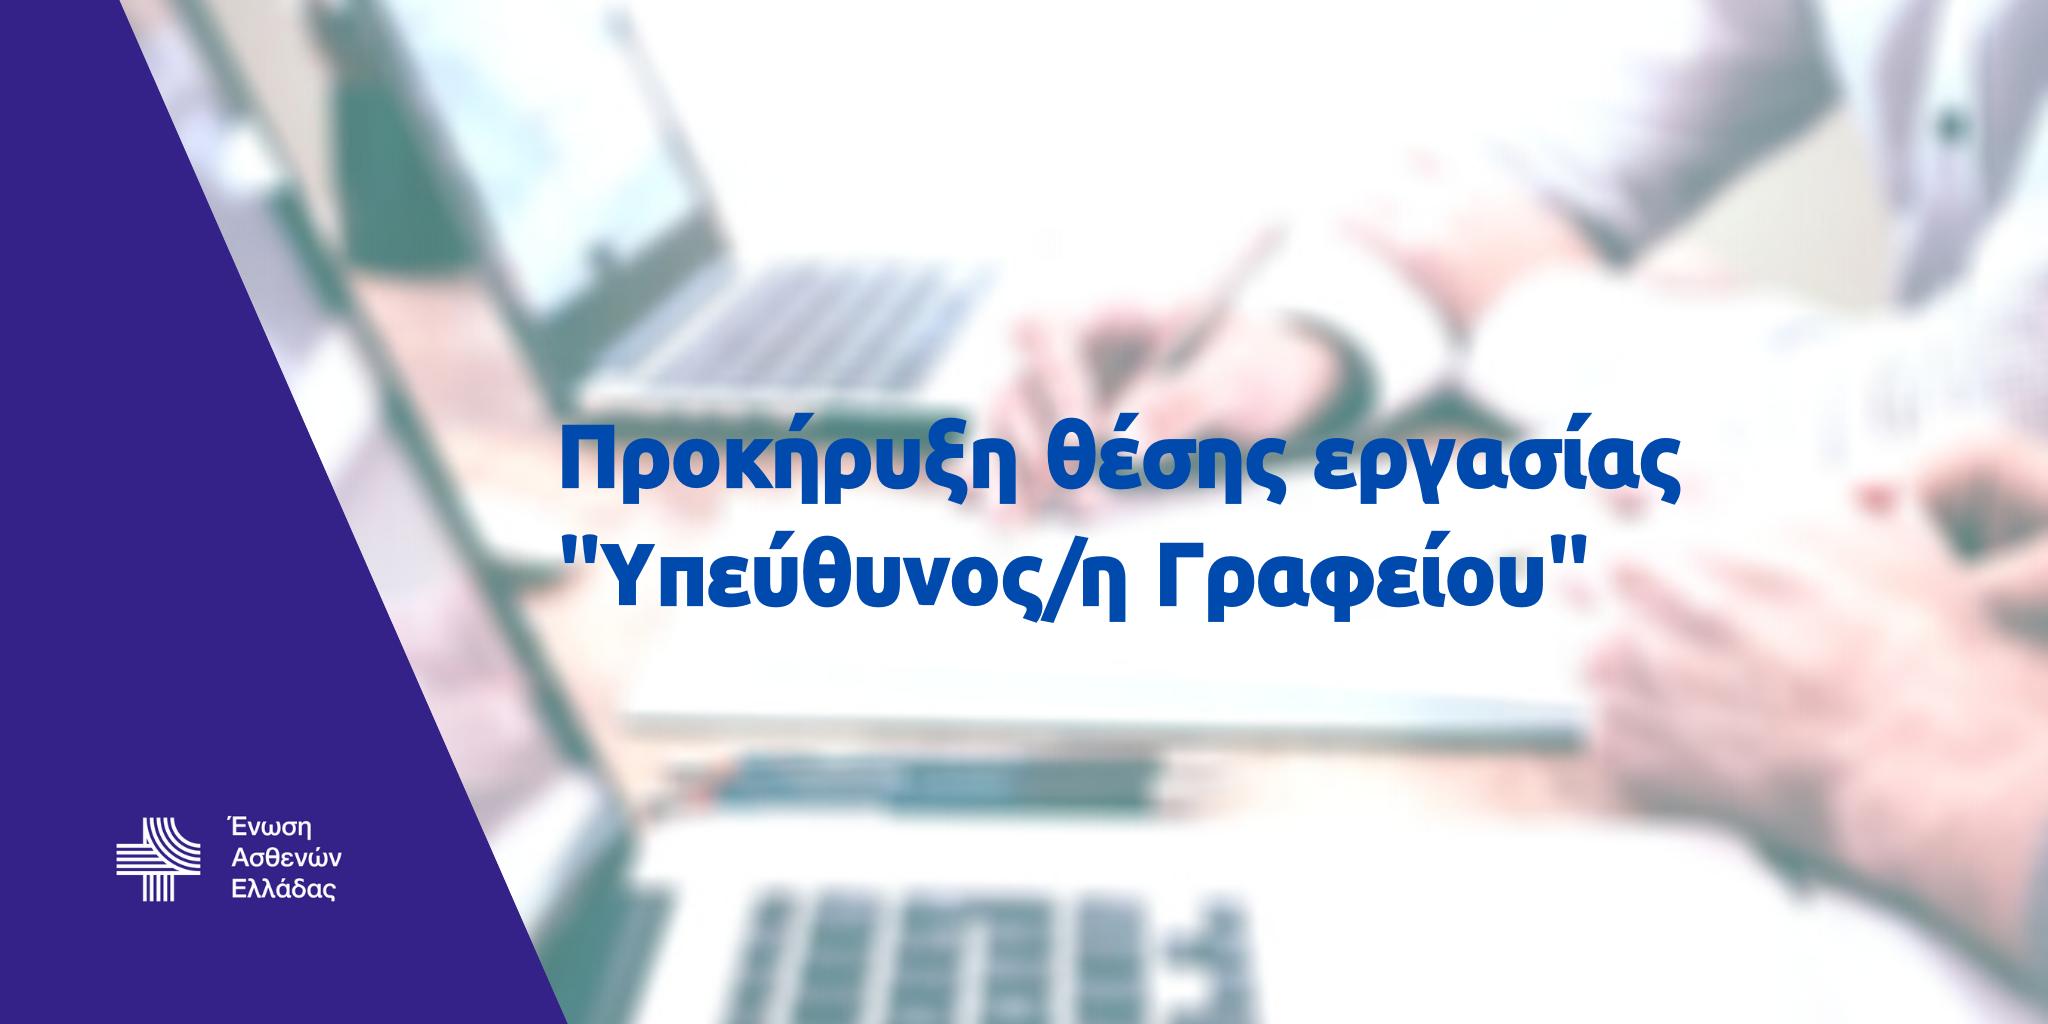 Προκήρυξη θέσης εργασίας: Υπεύθυνος/η Γραφείου στην Ένωση Ασθενών Ελλάδας